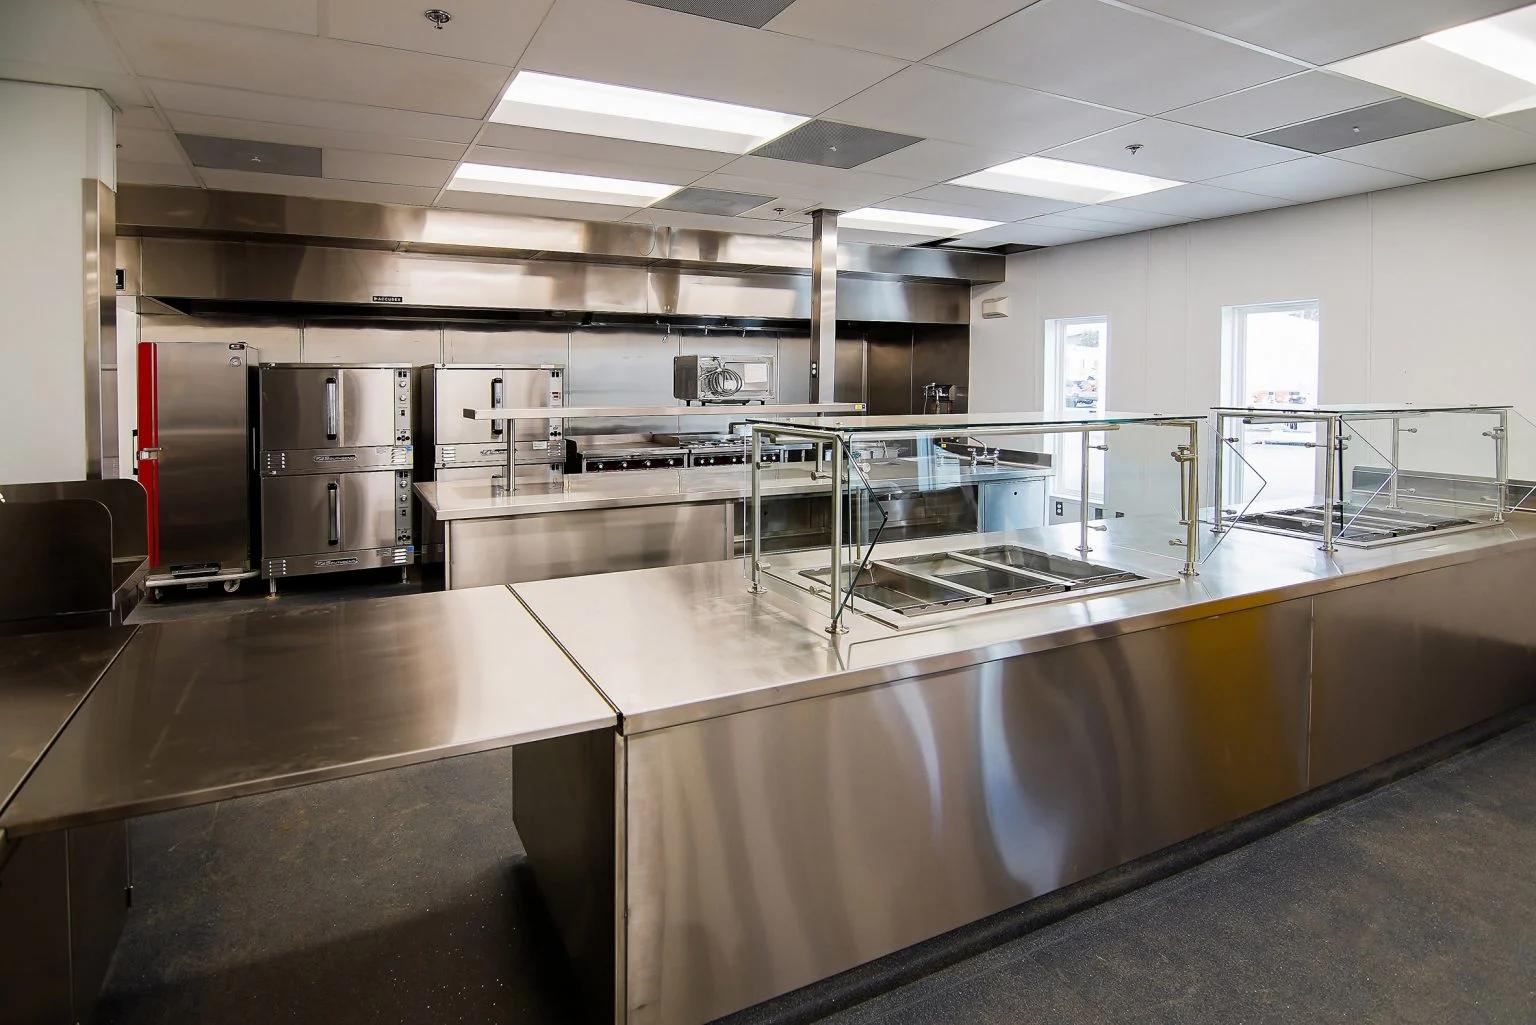 Las instalaciones ocupan casi 6.000 m2